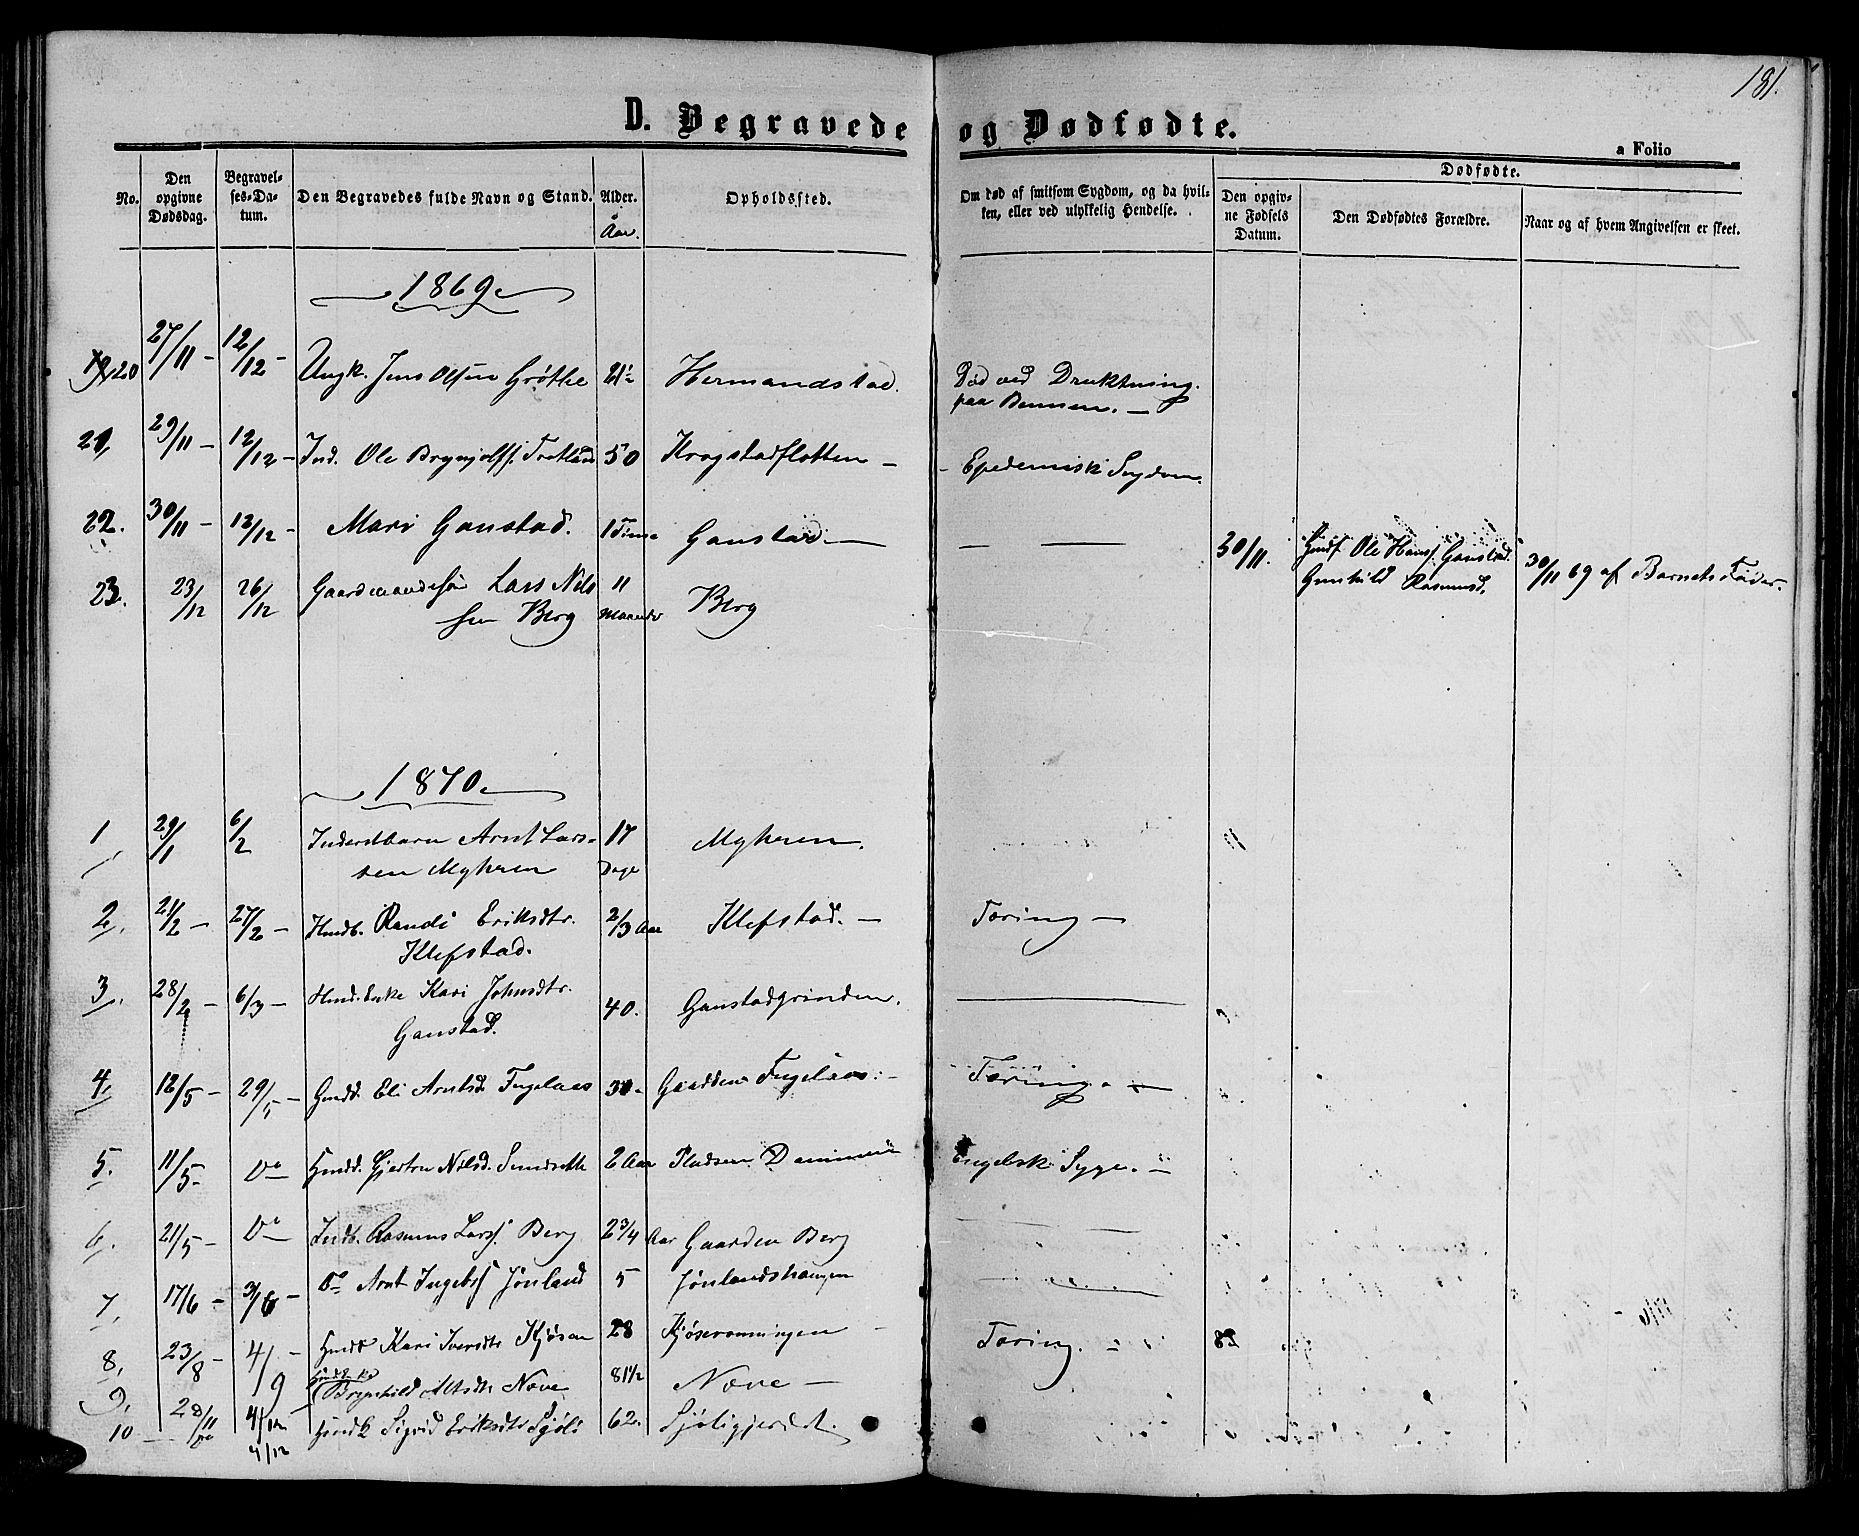 SAT, Ministerialprotokoller, klokkerbøker og fødselsregistre - Sør-Trøndelag, 694/L1131: Klokkerbok nr. 694C03, 1858-1886, s. 181